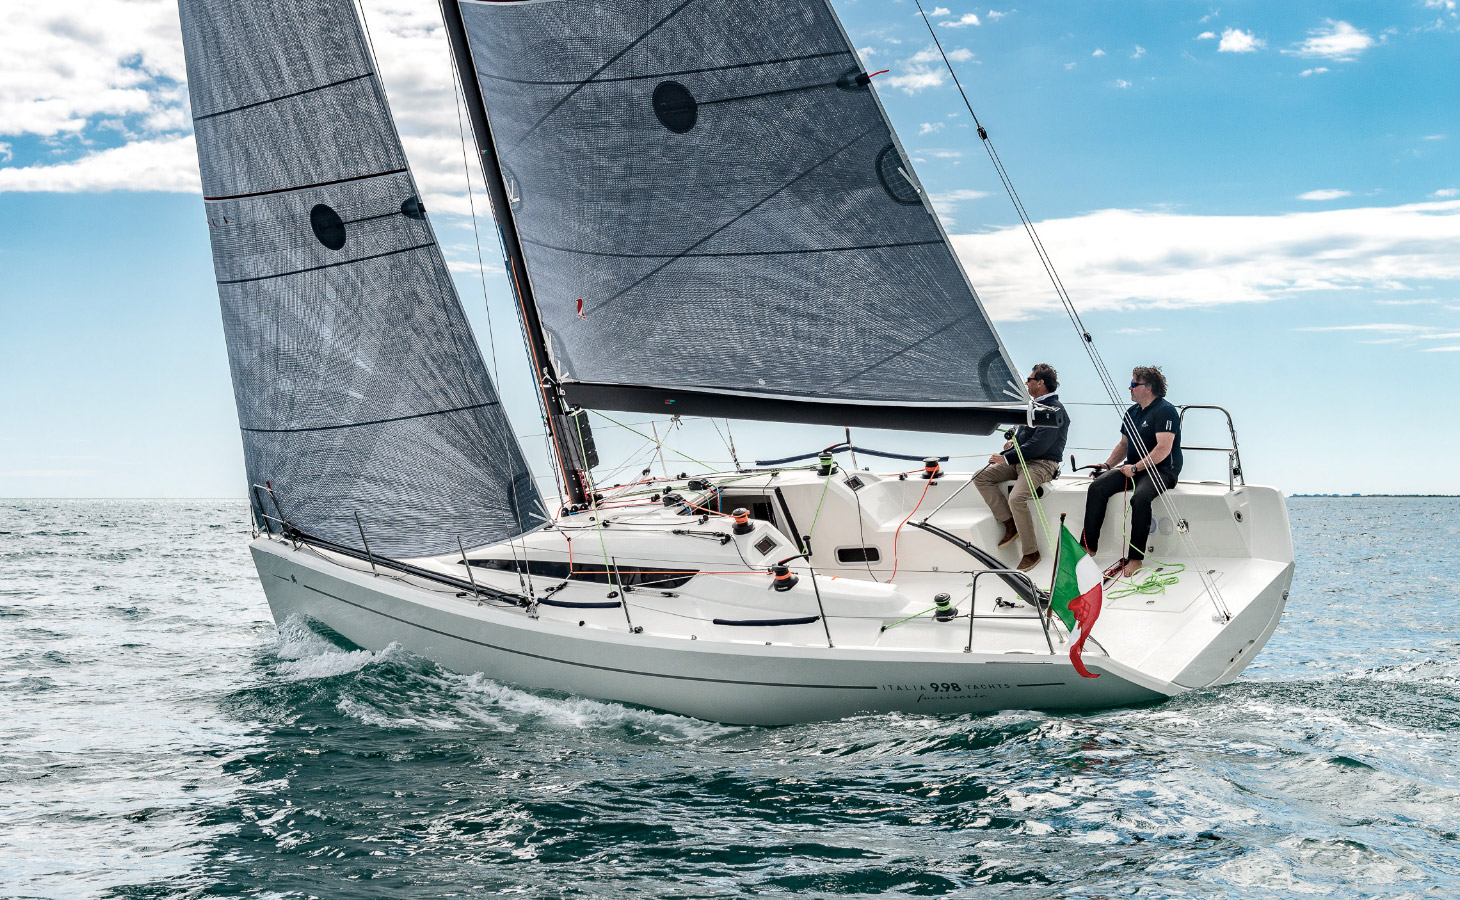 Barche a vela 10 metri: Italia 9.98